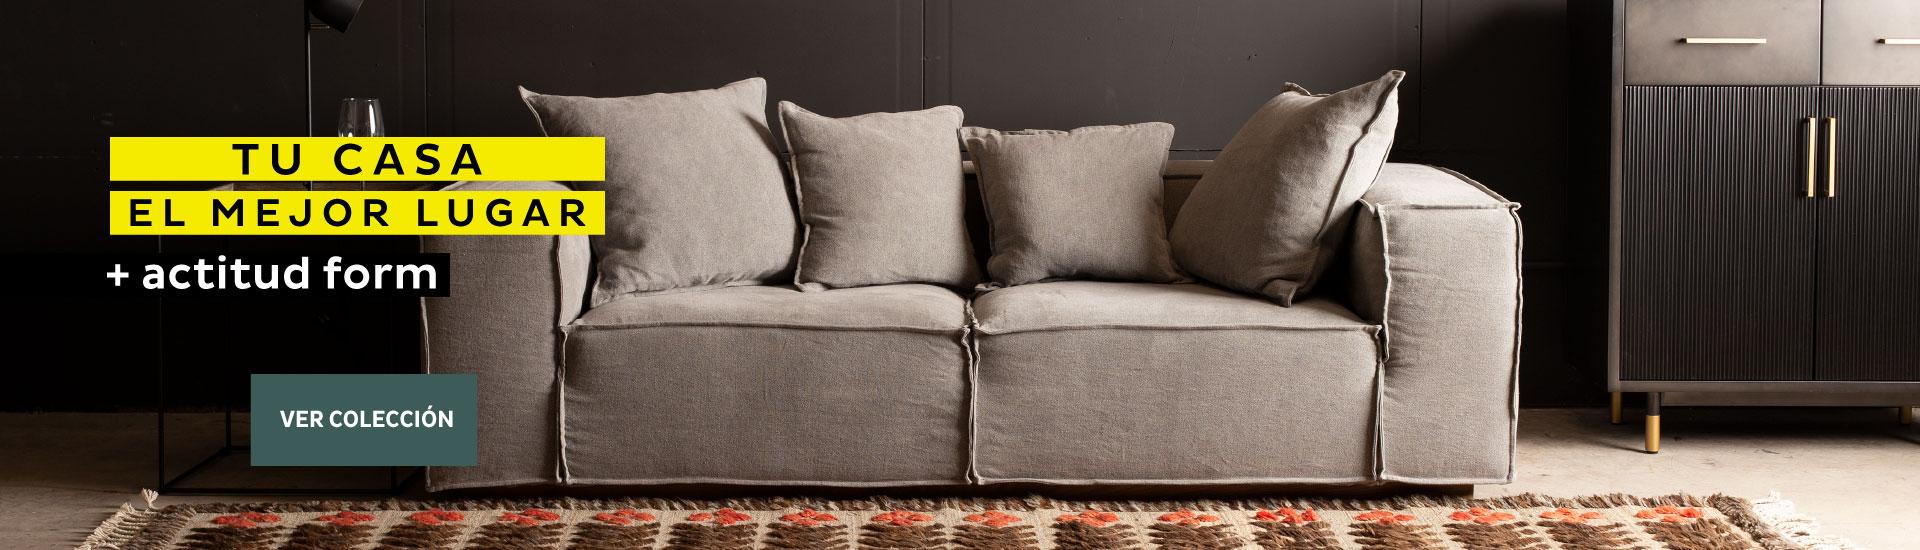 Sofás. Sitiales. Muebles. Complementos para tu living.